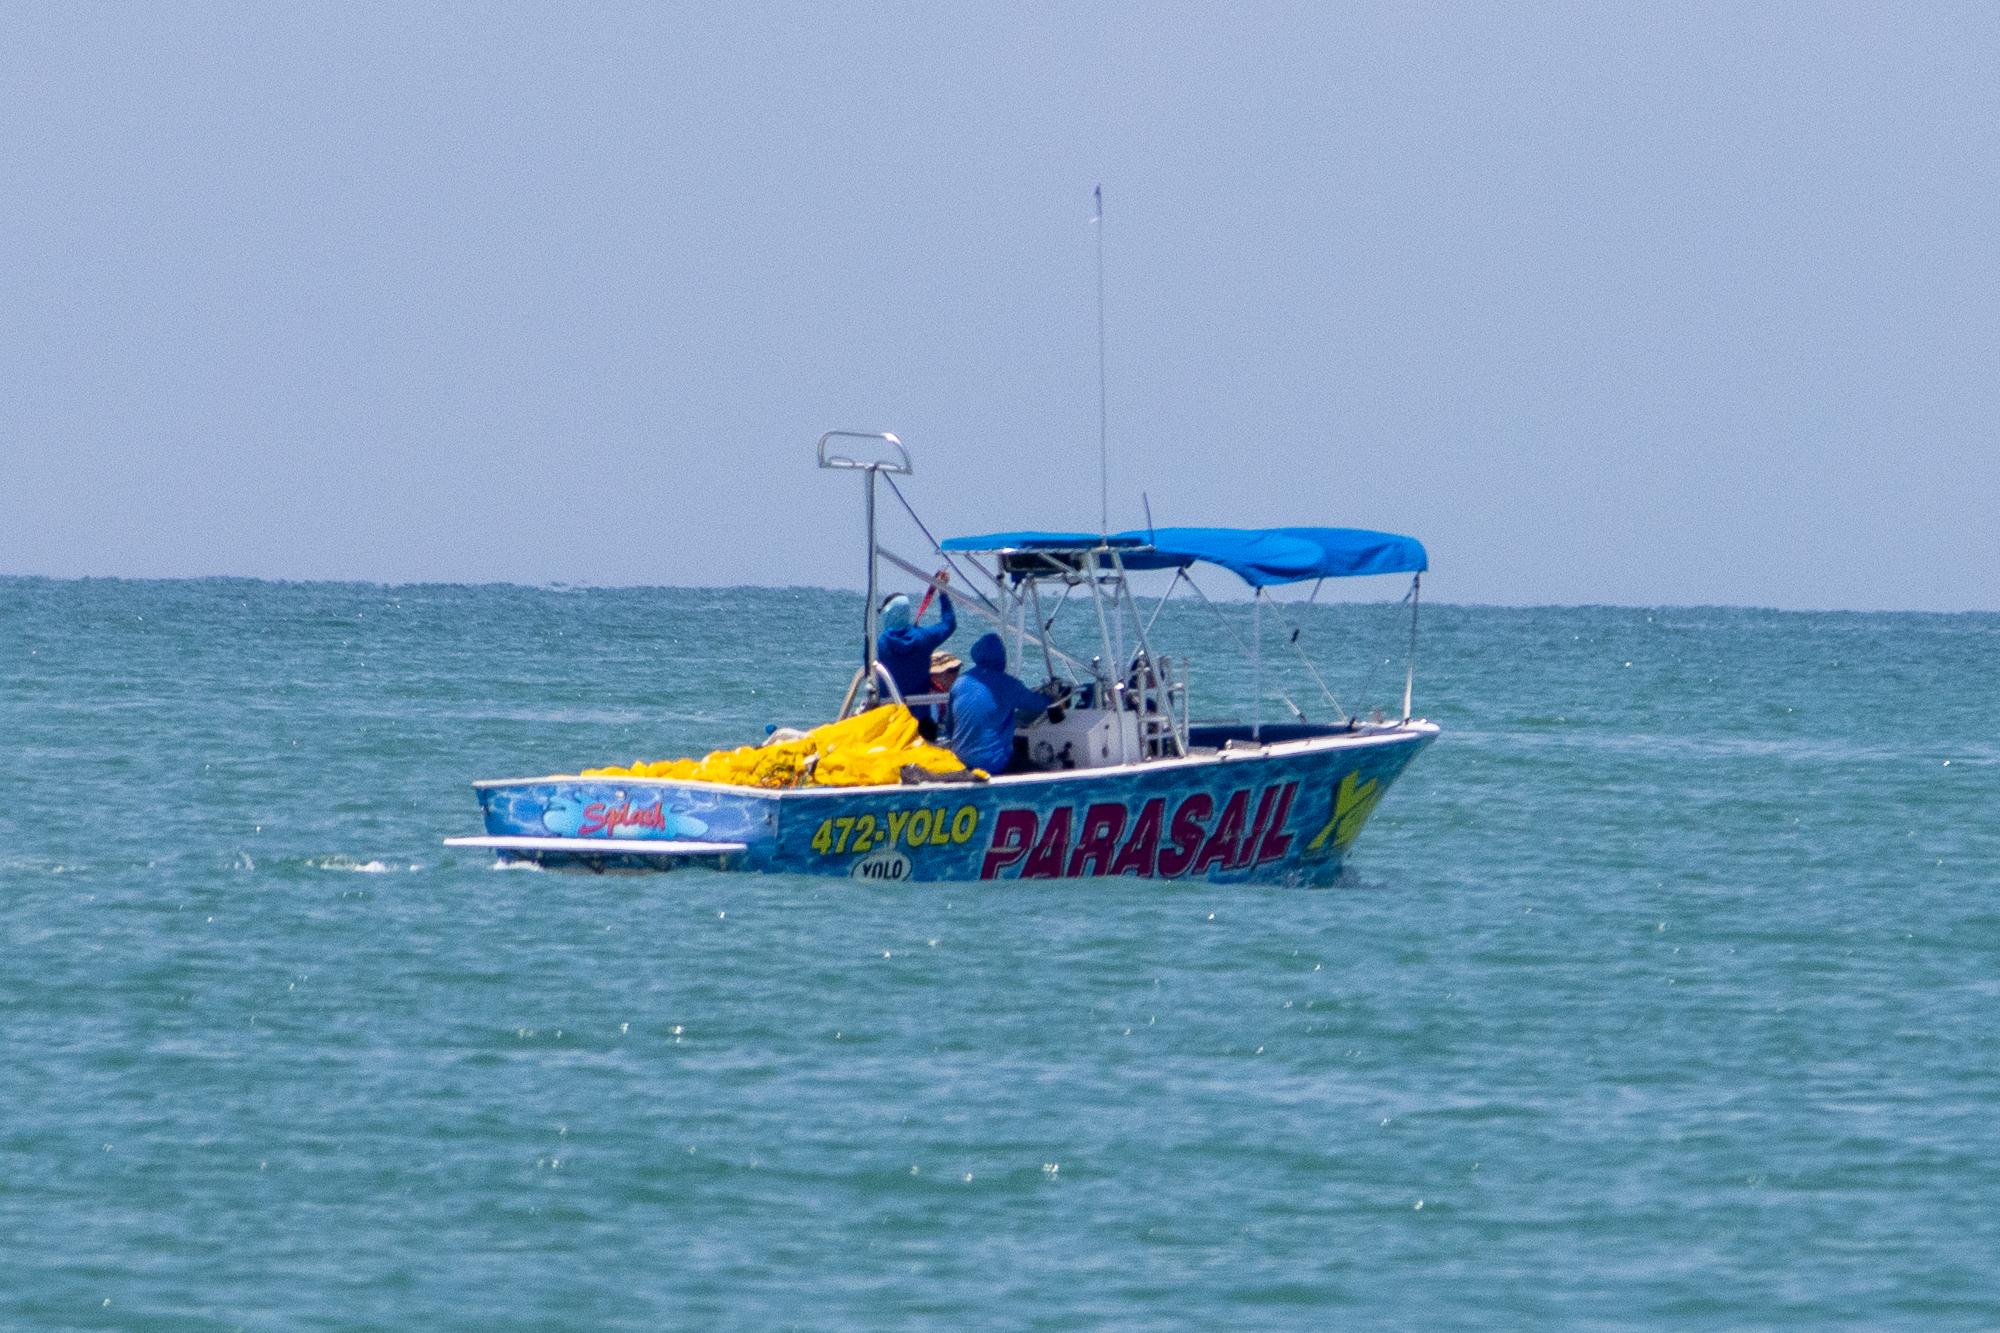 2020-07-03-Florida-Vacation-1